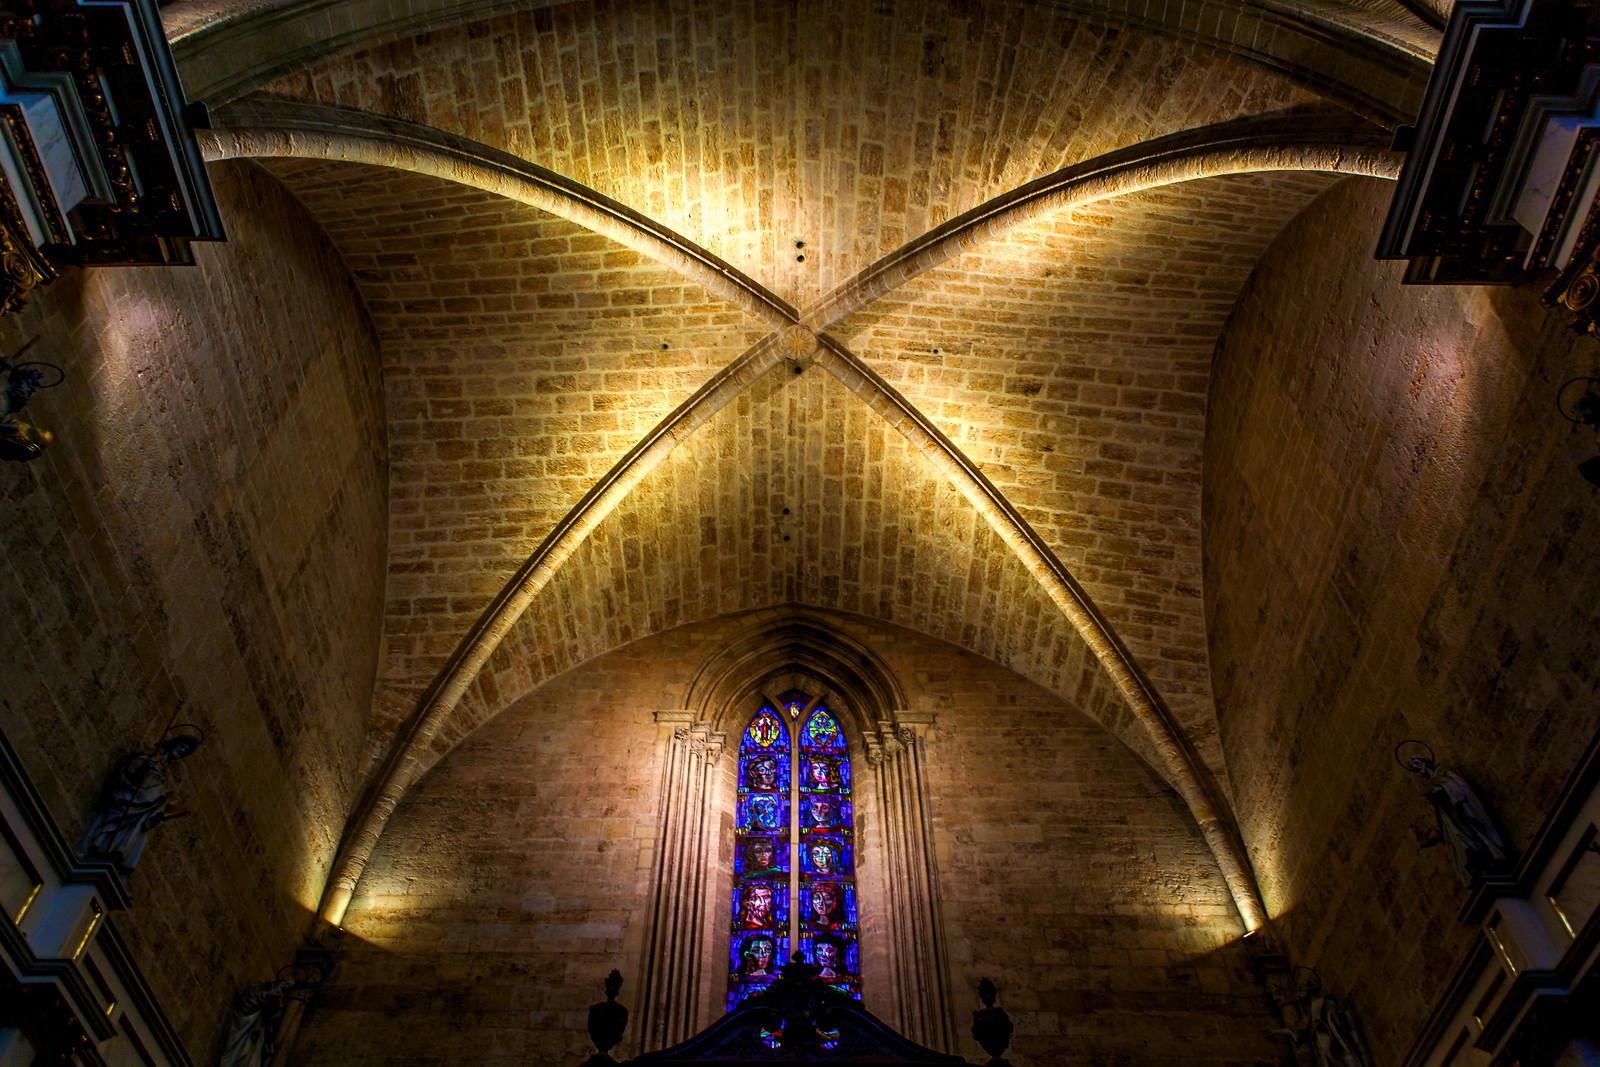 西班牙巴伦西亚主教堂,穹顶上的艺术